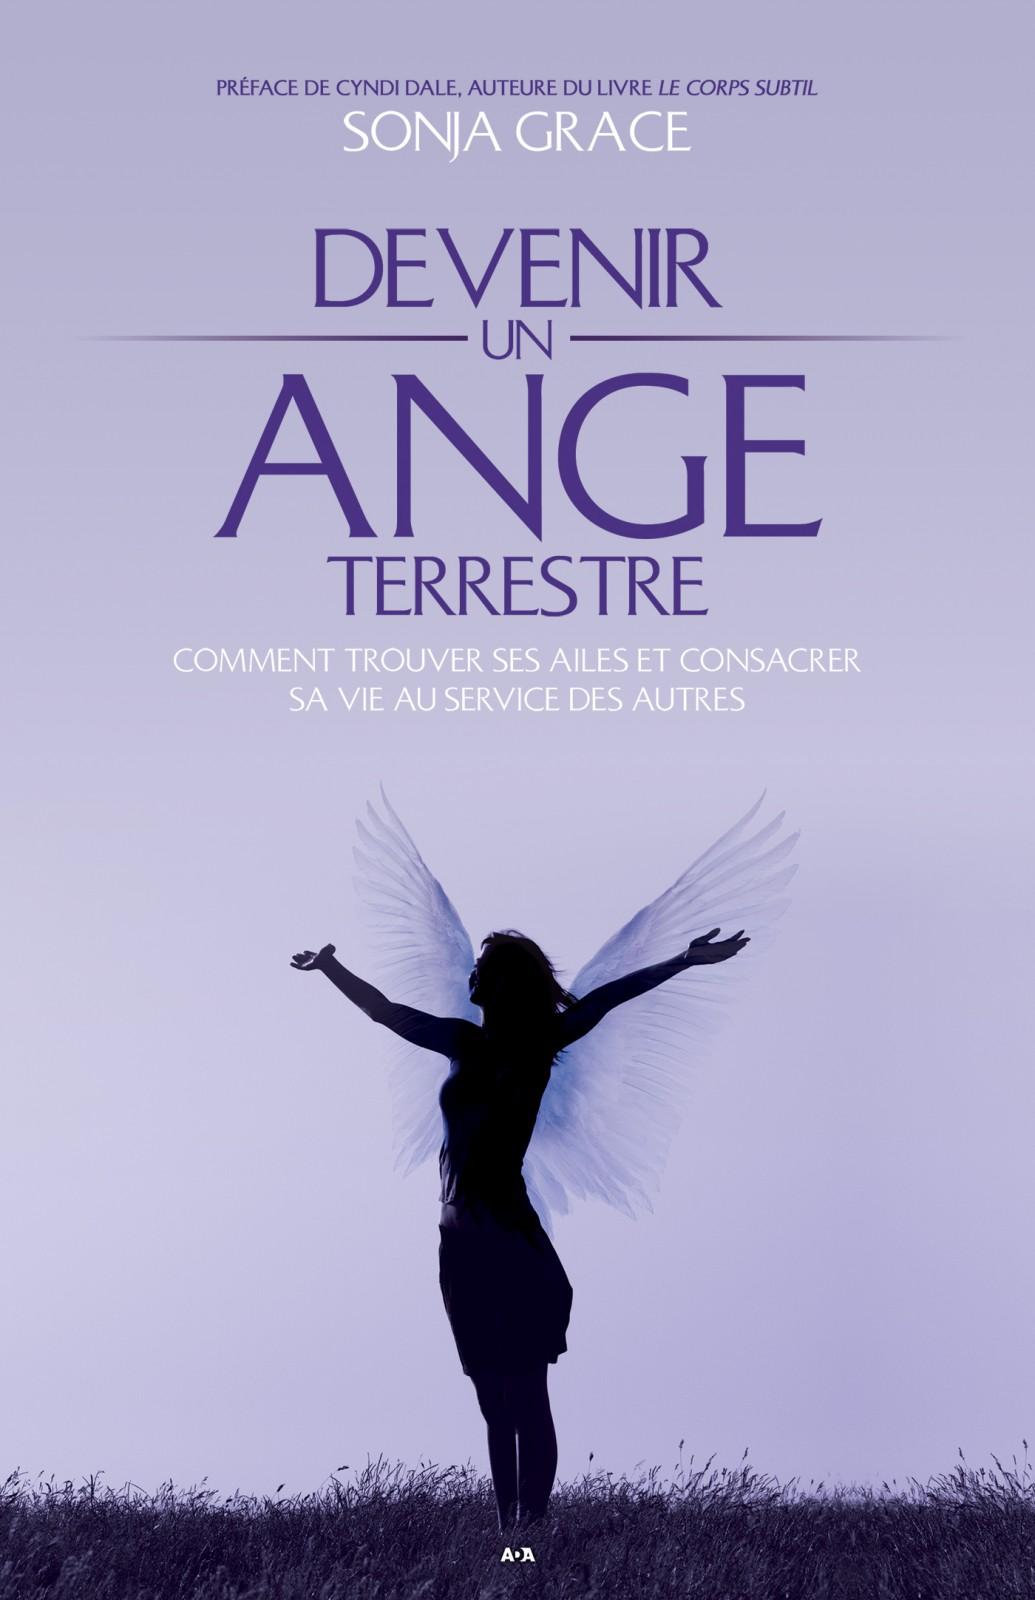 Devenir un ange terrestre, Comment trouver ses ailes et consacrer sa vie au service des autres